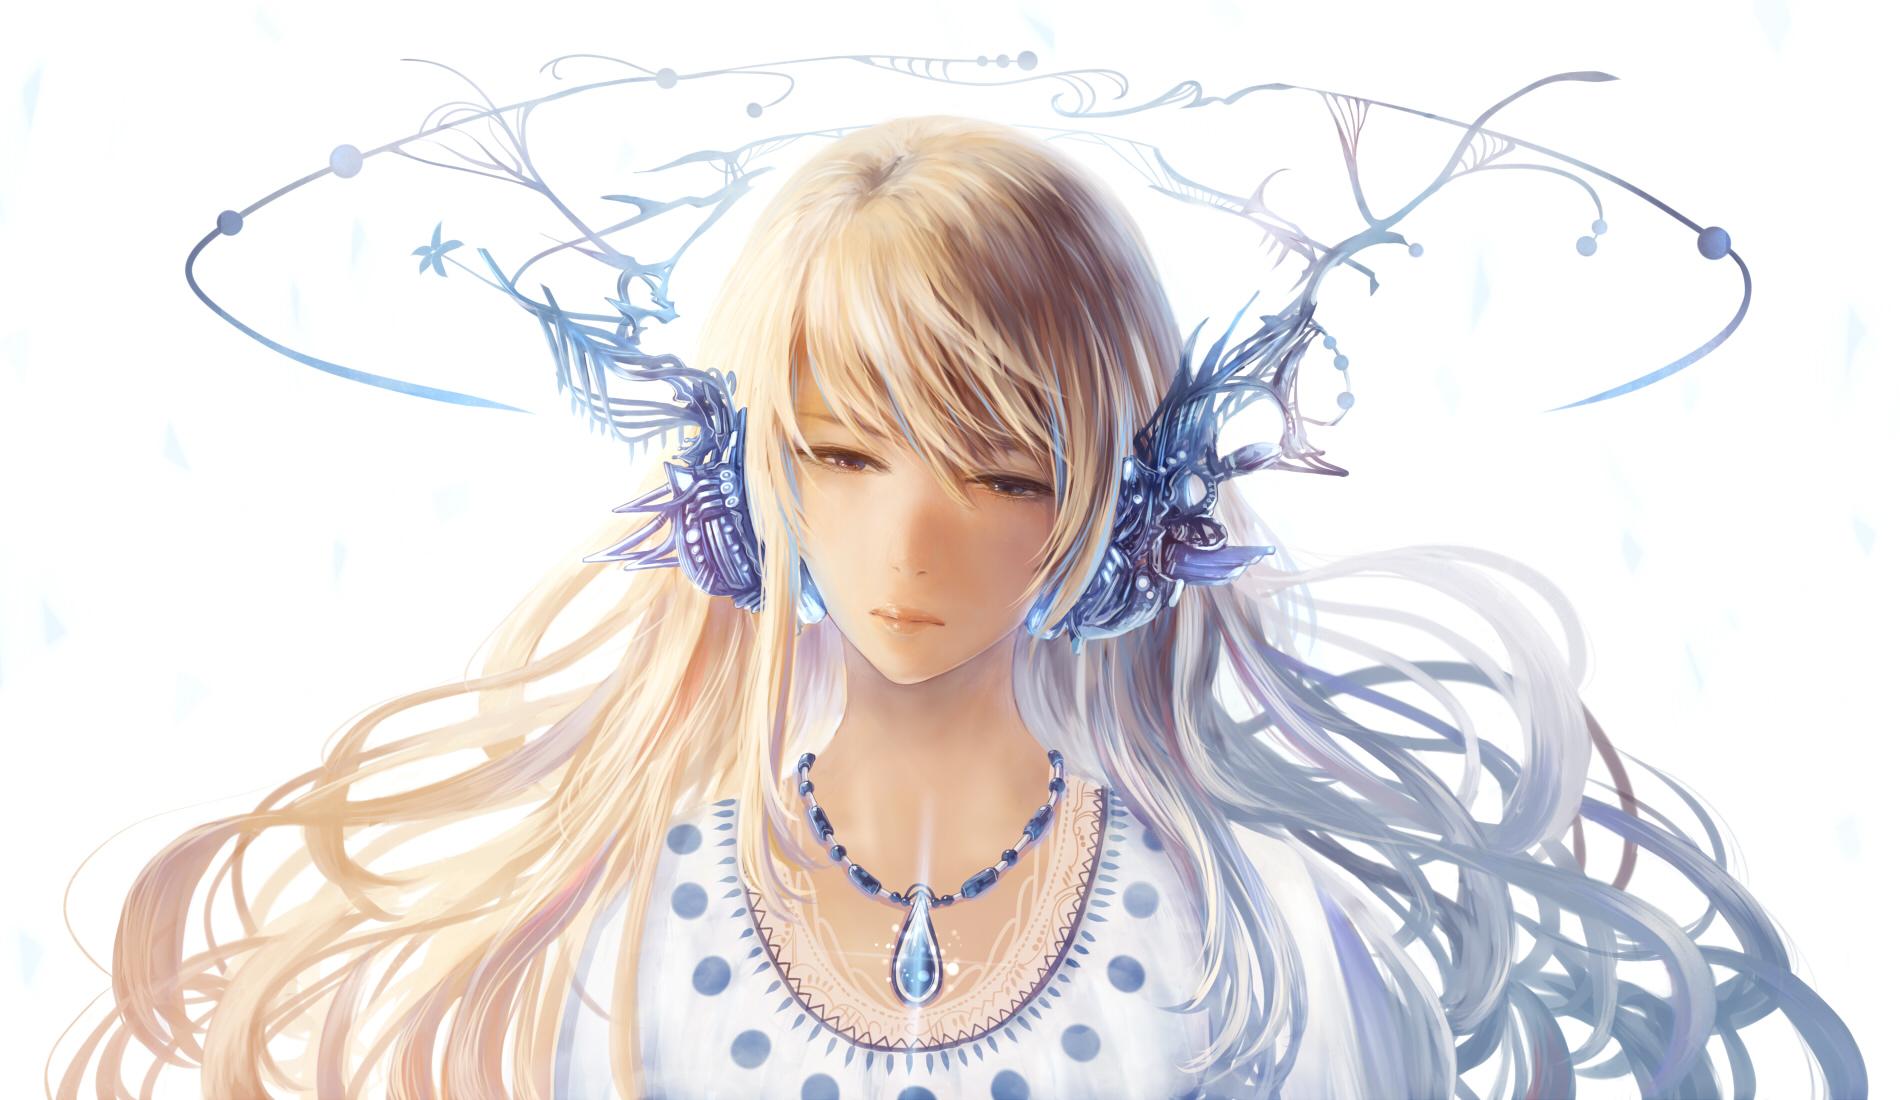 Картинки аниме девушки у которой светлые волосы